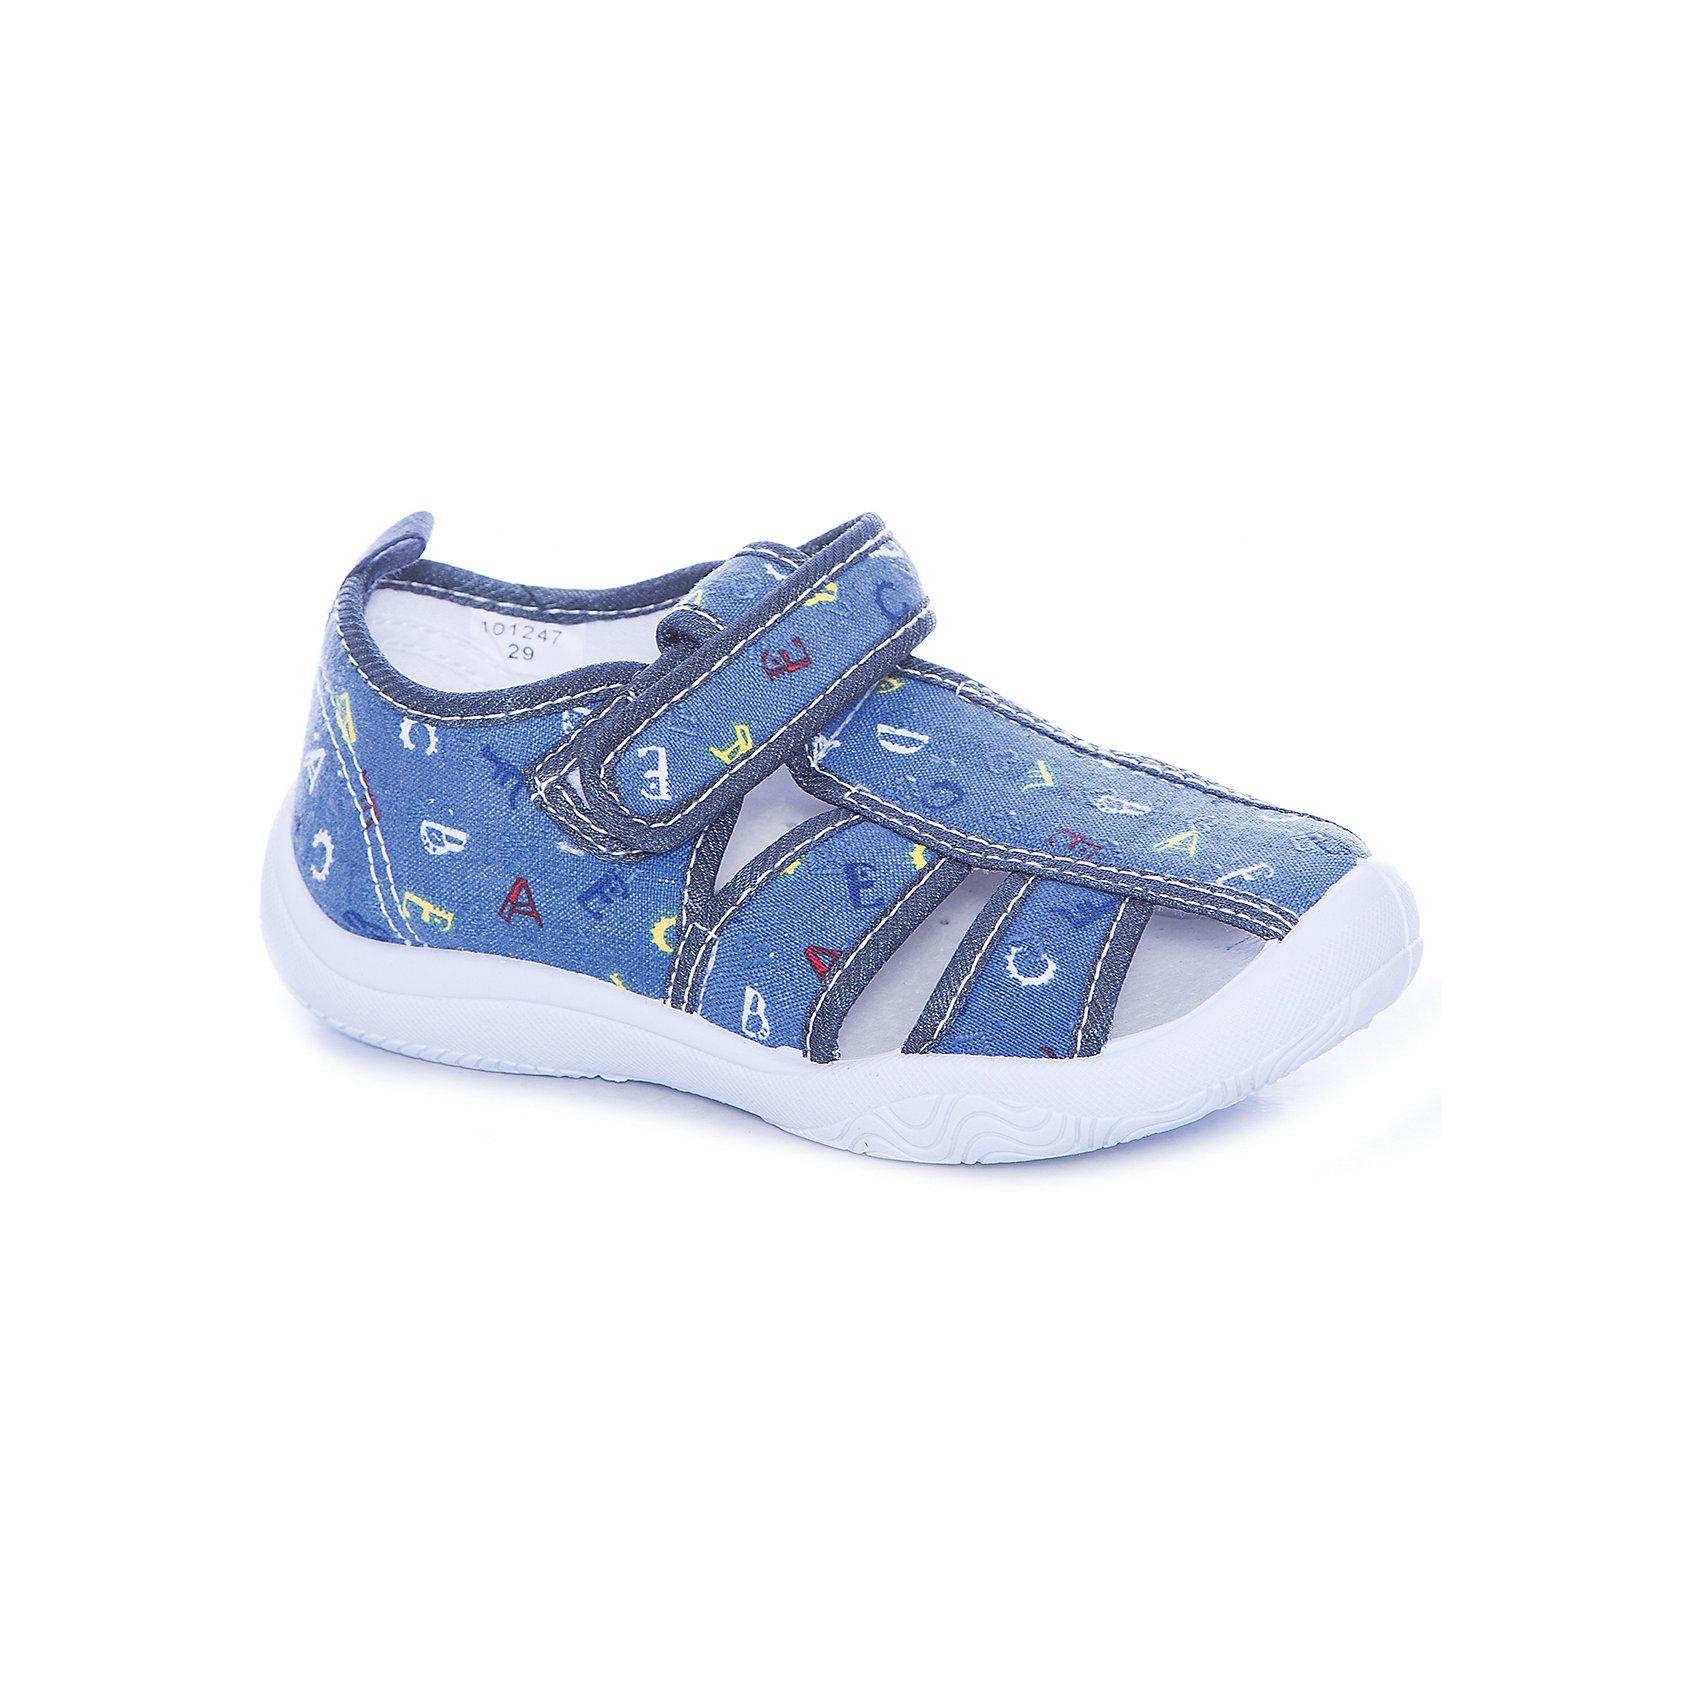 Сандалии для мальчика MURSUОбувь<br>Текстильная обувь для мальчика MURSU<br>Состав: <br>Материал верха: хлопок; Материал подкладки: хлопок; Материал подошвы: ПВХ; Материал стельки: натуральная кожа.<br><br>Ширина мм: 227<br>Глубина мм: 145<br>Высота мм: 124<br>Вес г: 325<br>Цвет: синий<br>Возраст от месяцев: 84<br>Возраст до месяцев: 96<br>Пол: Мужской<br>Возраст: Детский<br>Размер: 31,32,27,28,29,30<br>SKU: 5325800